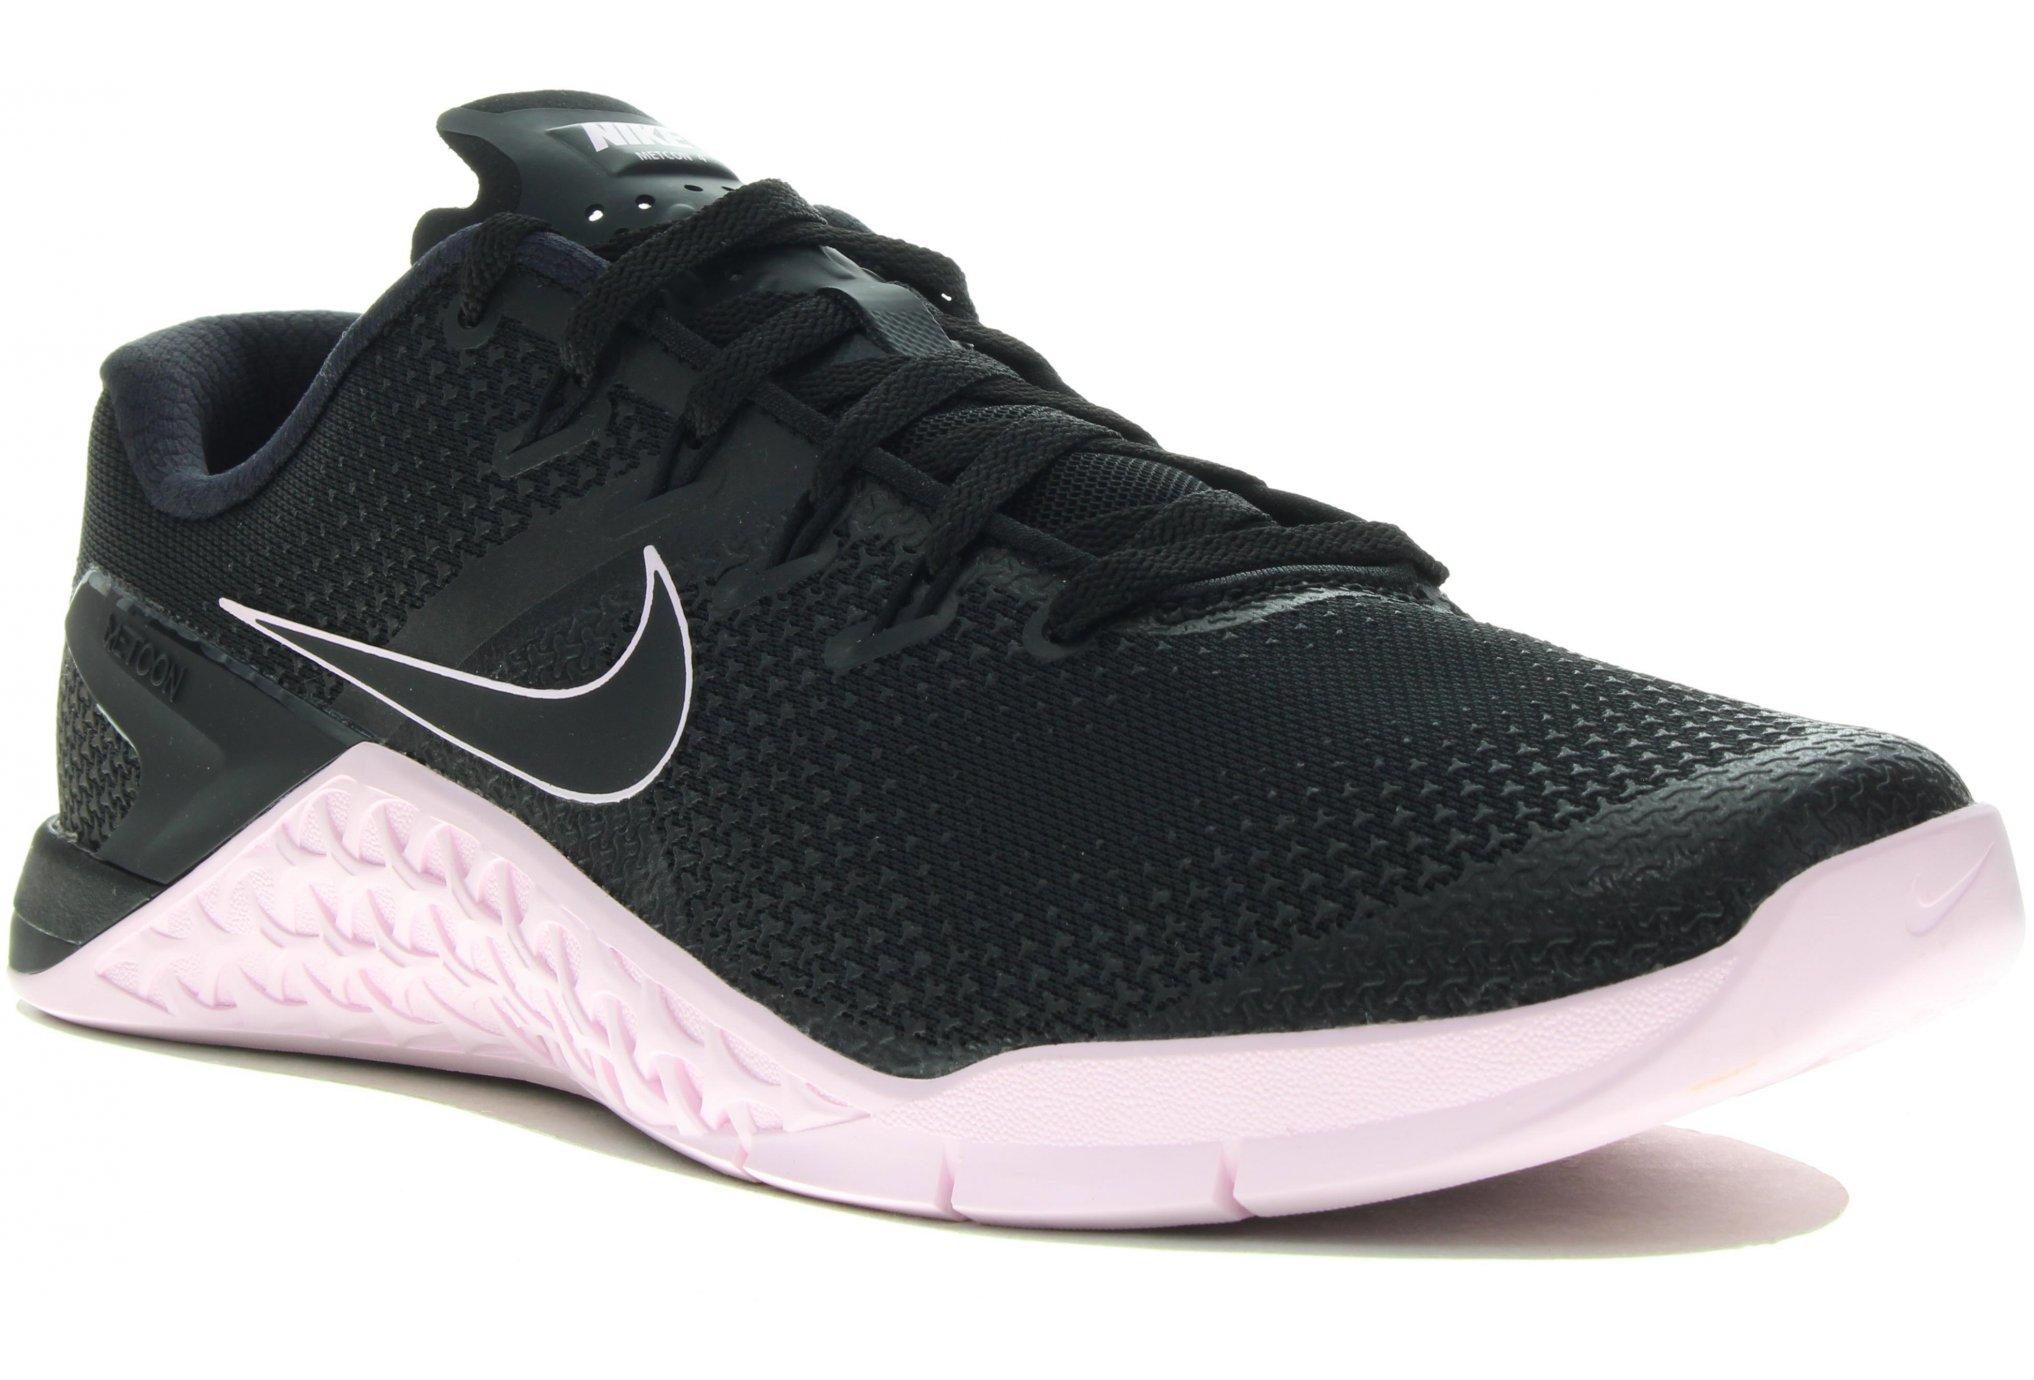 63d4afbc6a4 Precios de Nike Metcon 4 baratas - Ofertas para comprar online ...